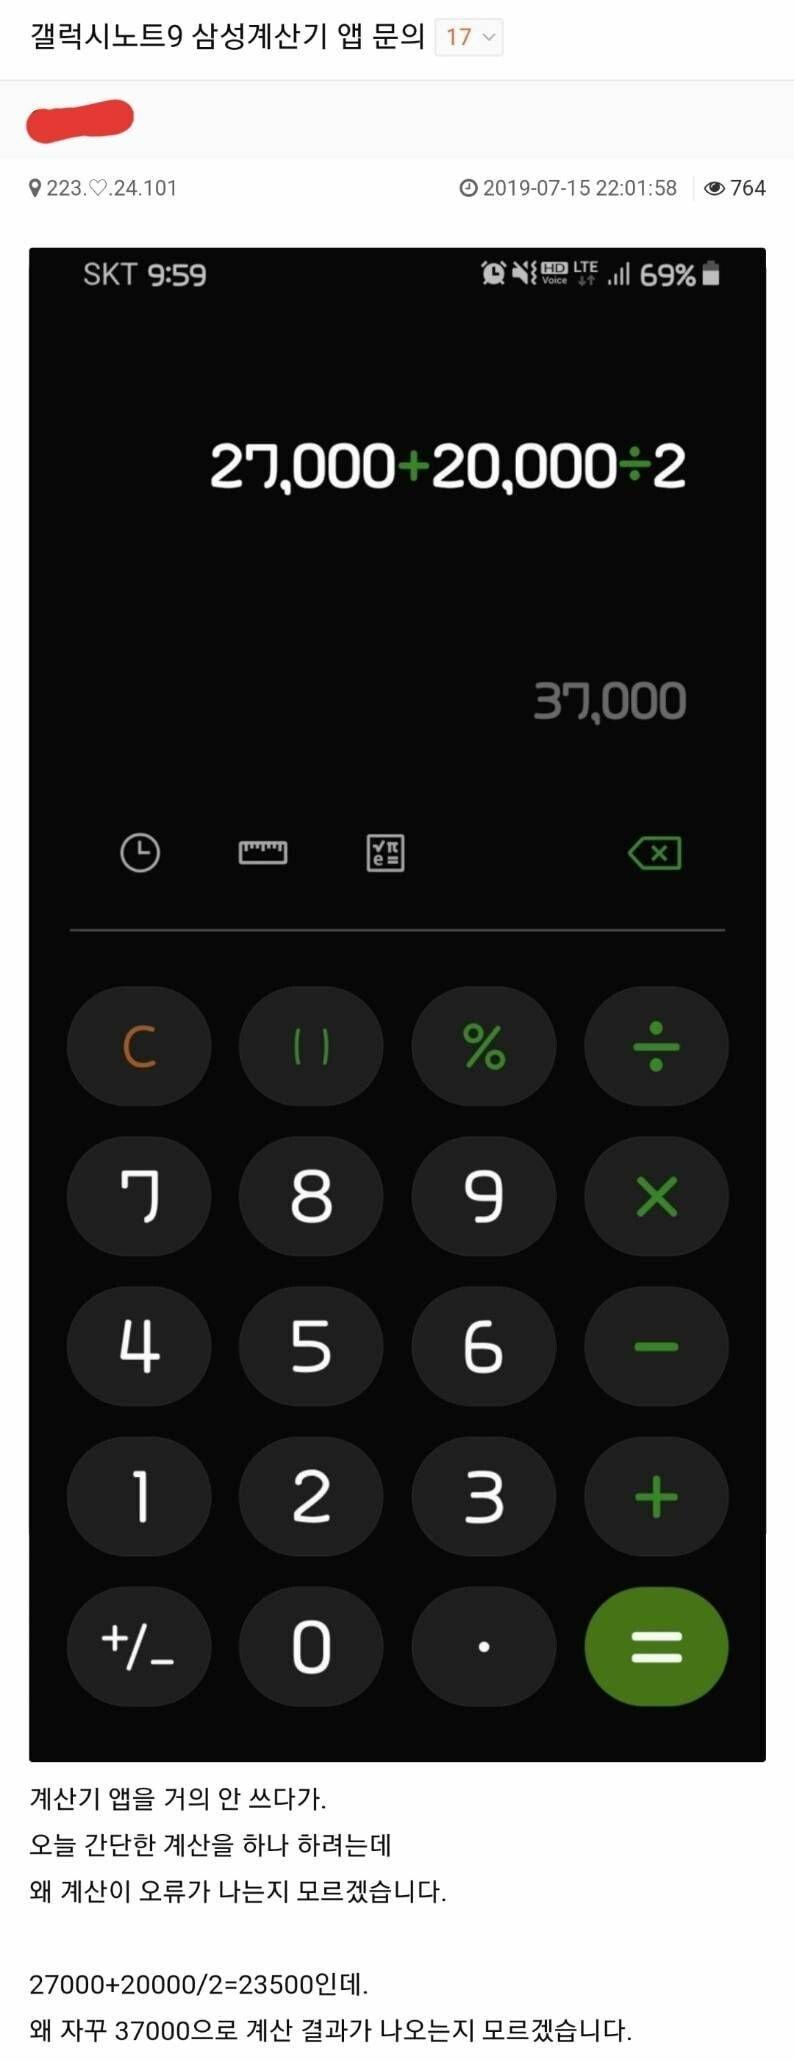 1563328458.jpg